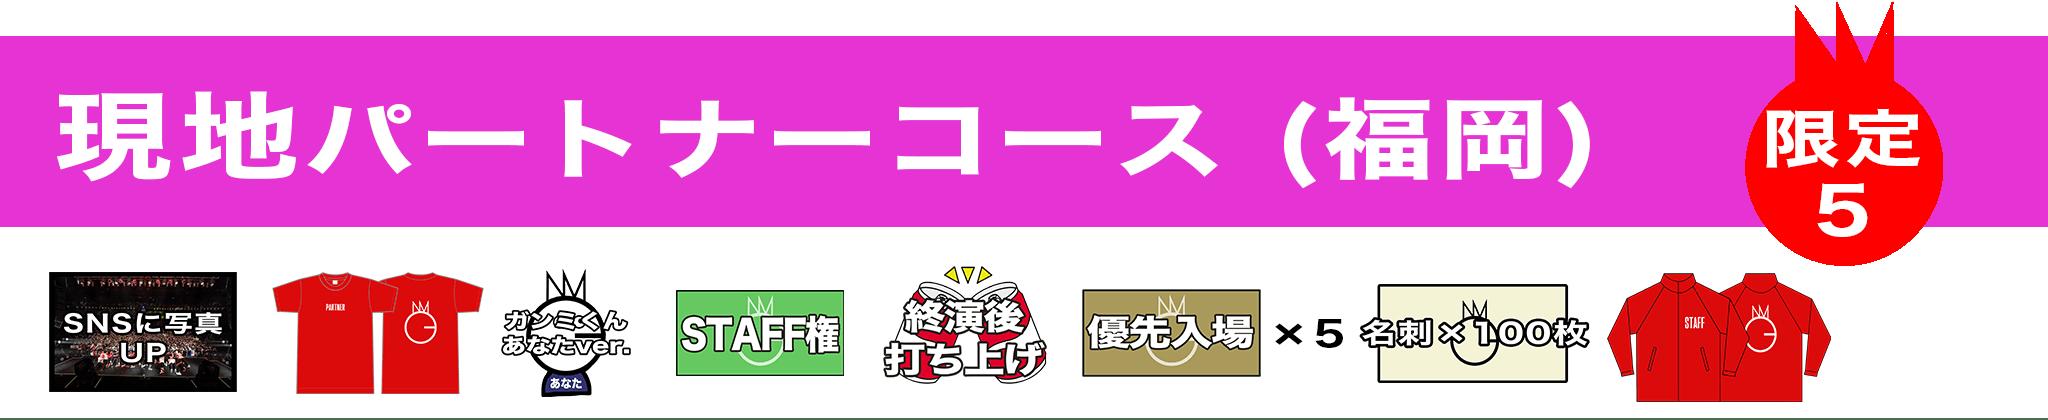 クラファン リターン 現地パートナーコース 福岡